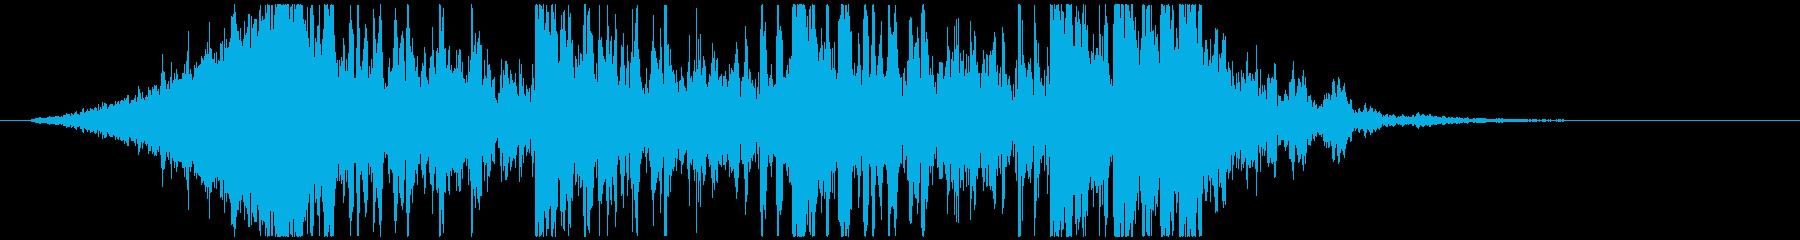 壮大で激しいリズムのサウンドロゴB(長)の再生済みの波形